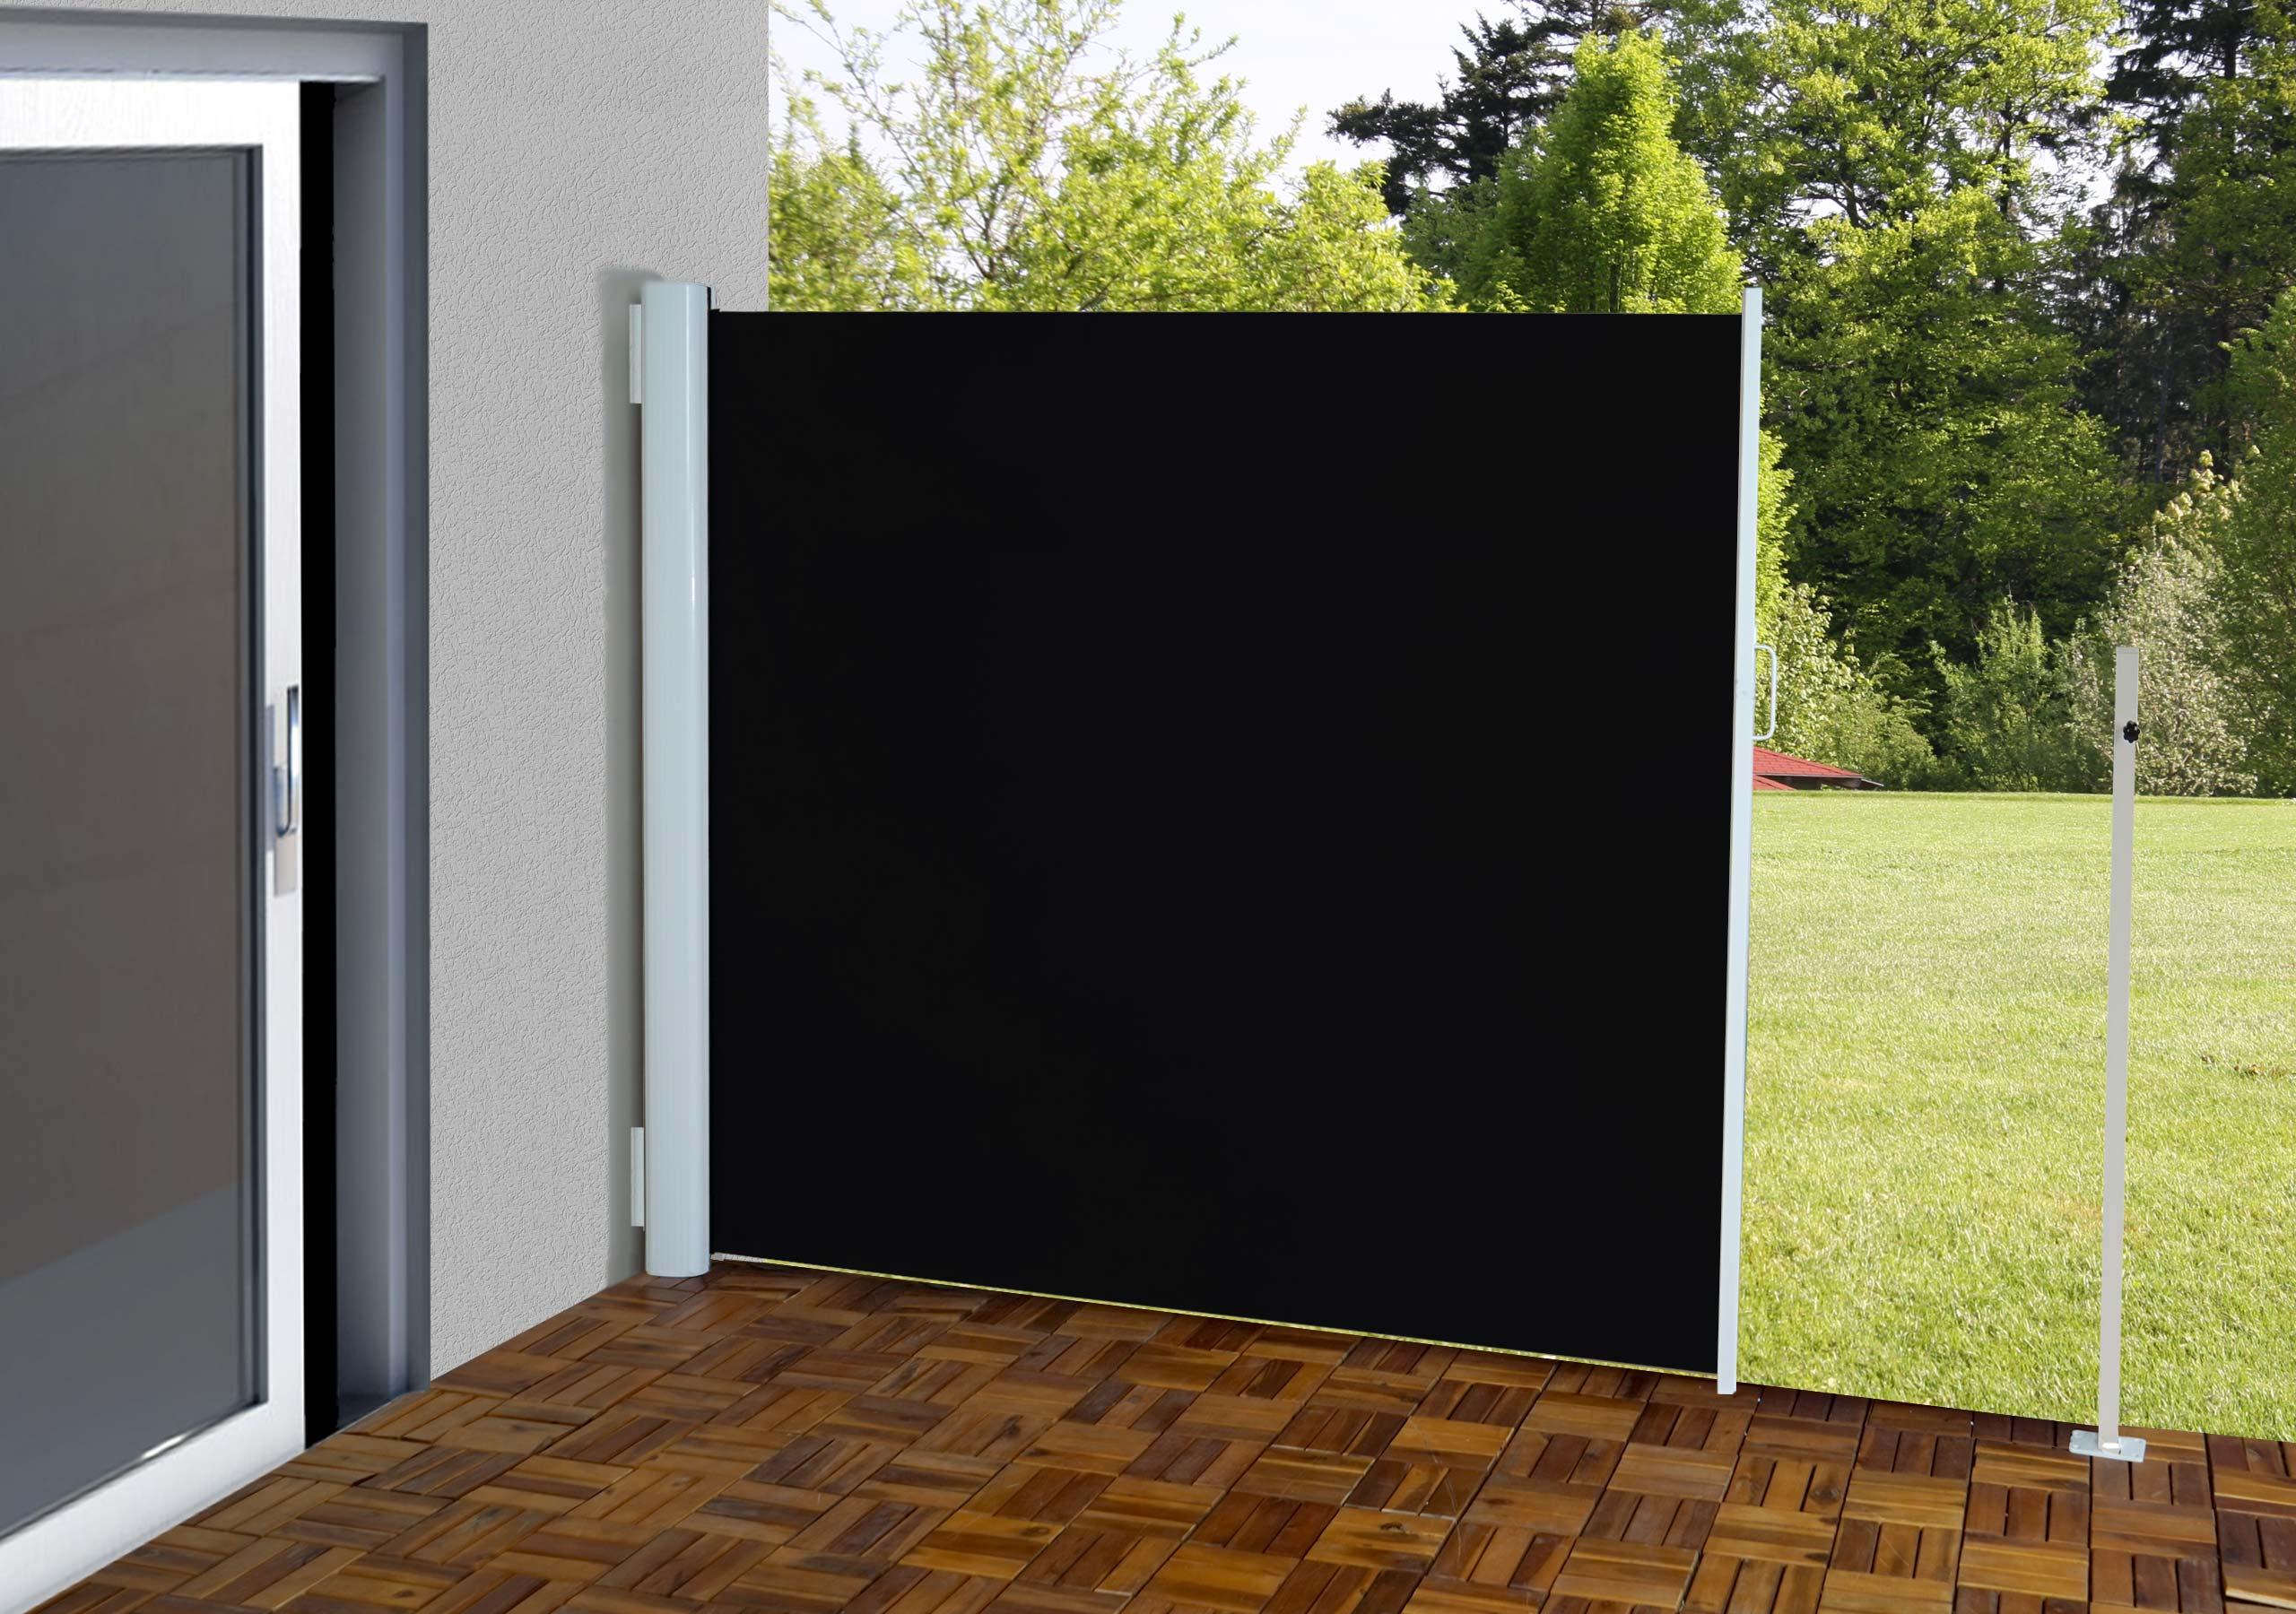 Paravento laterale per esterni poliestere telaio in alluminio | eBay